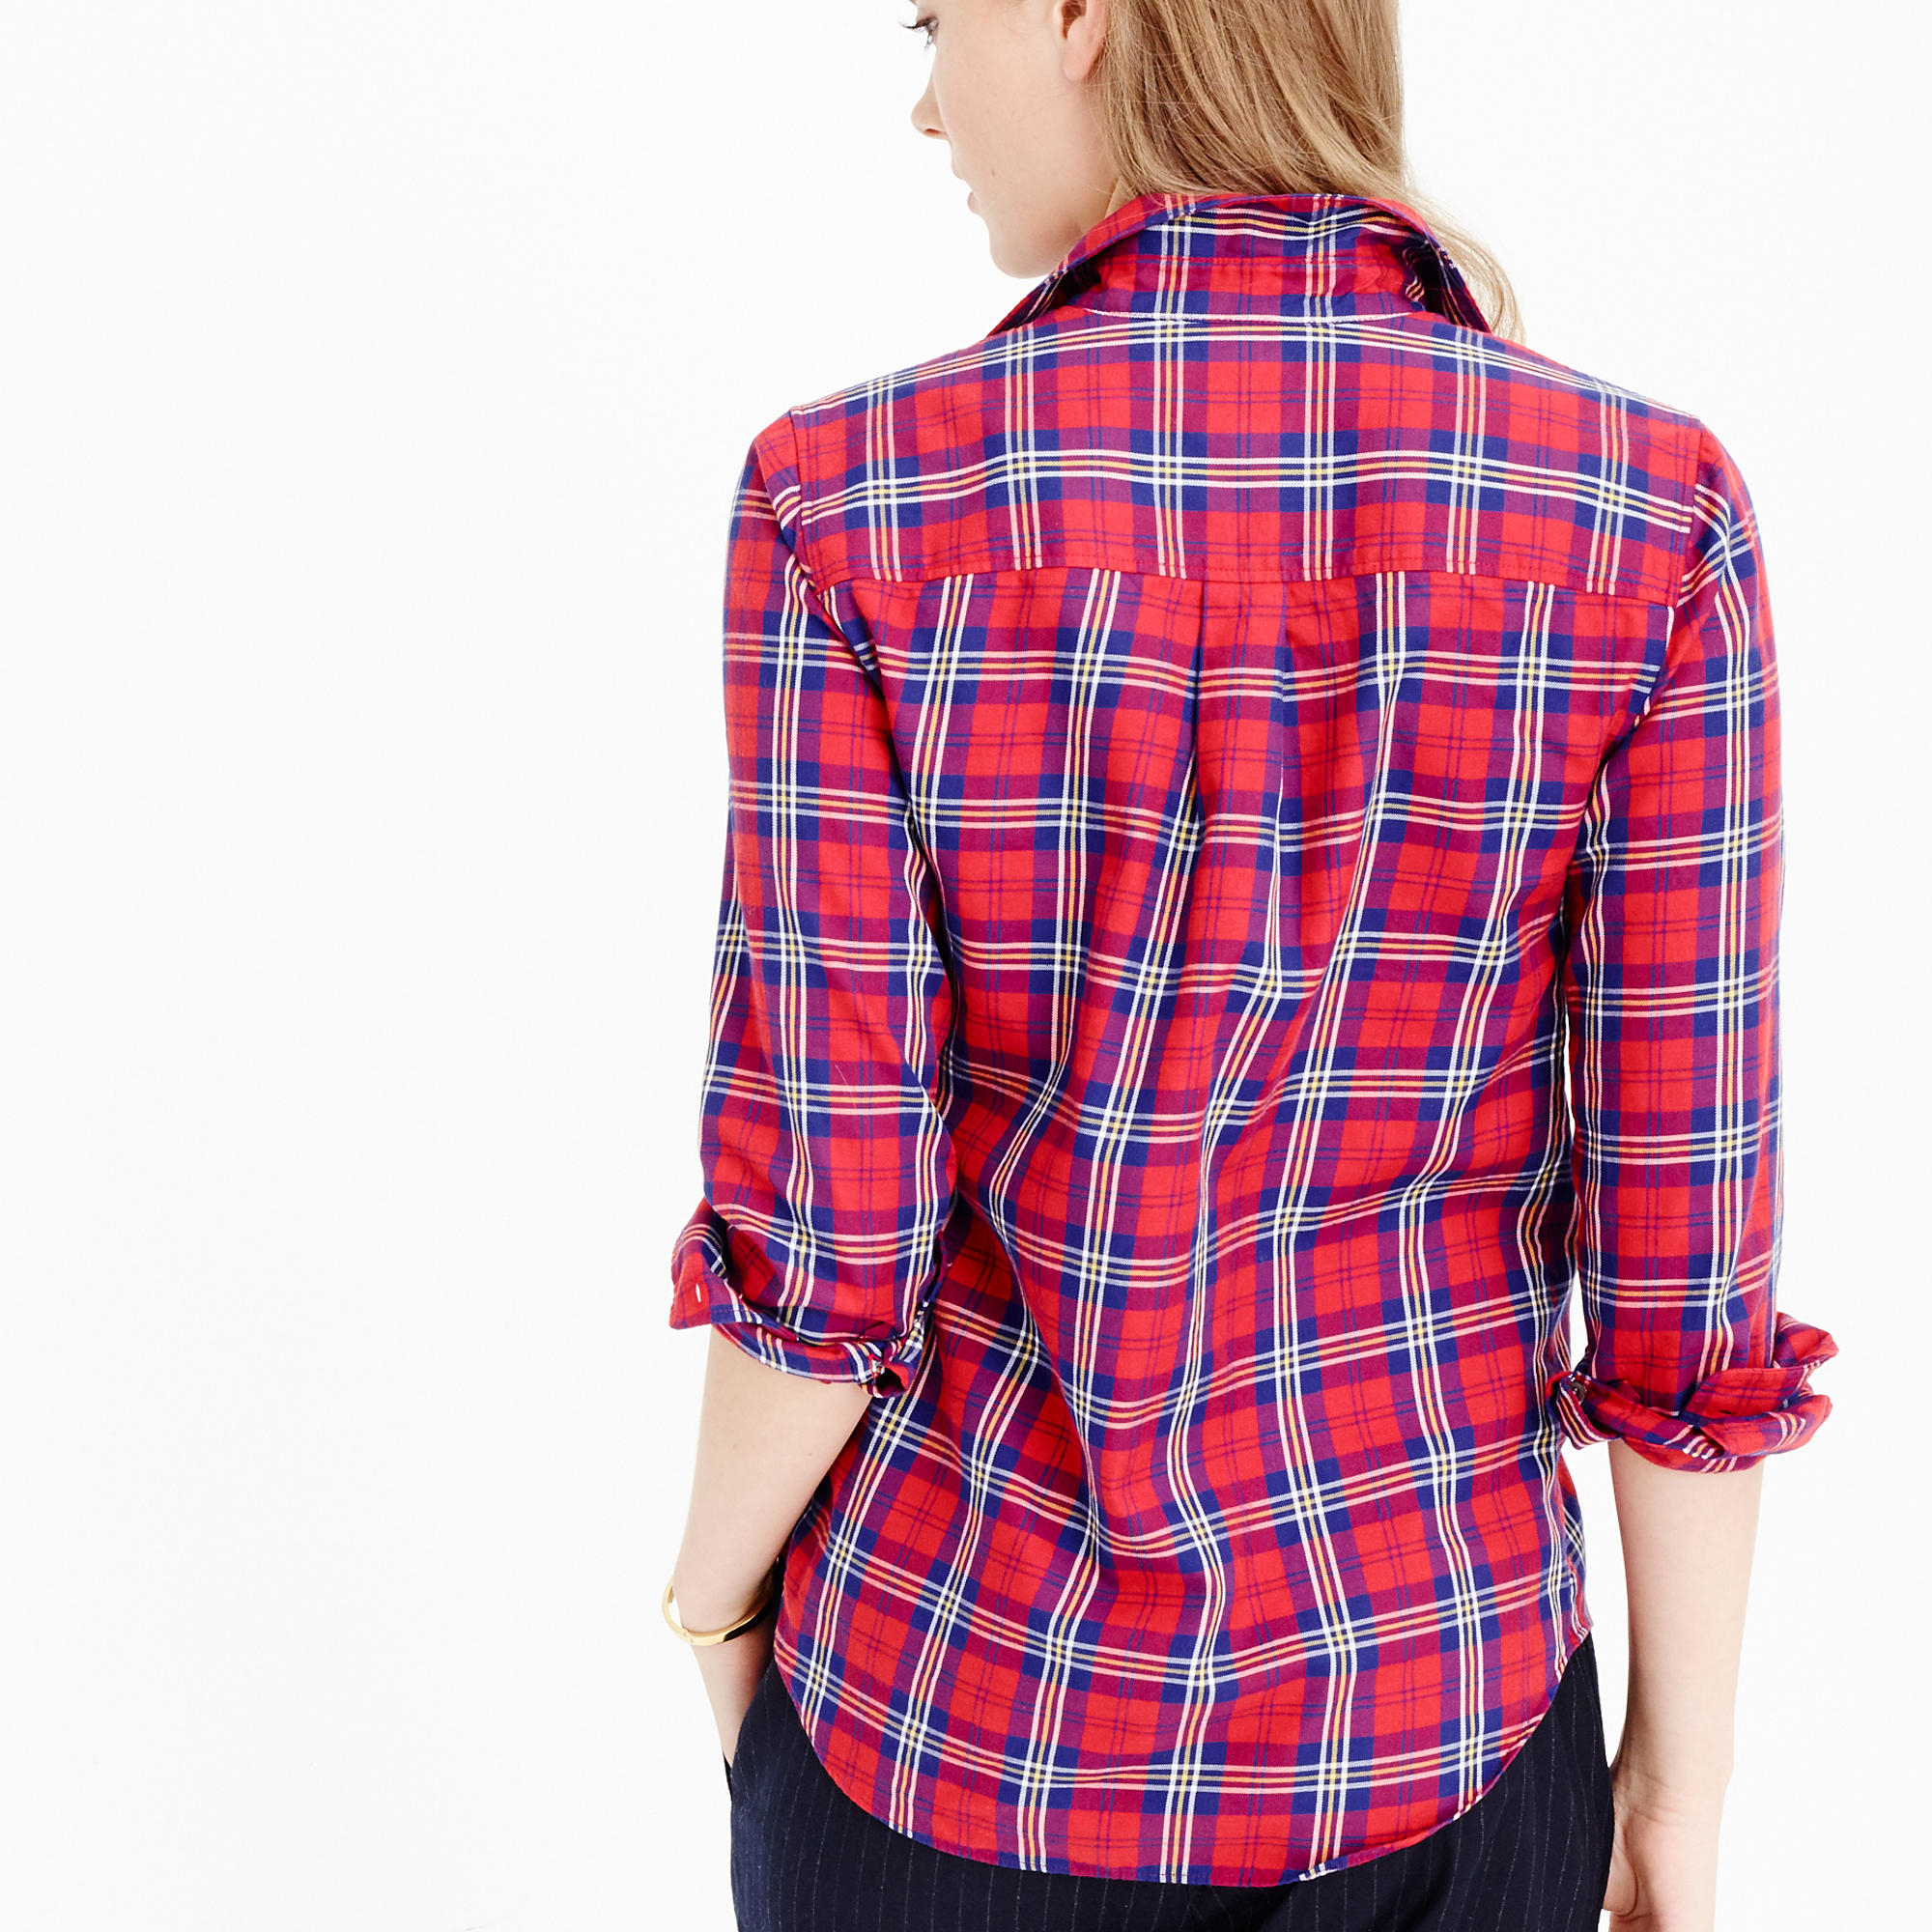 07039b87f61 Lyst - J.Crew Thomas Mason Flannel Shirt In Festive Plaid in Red